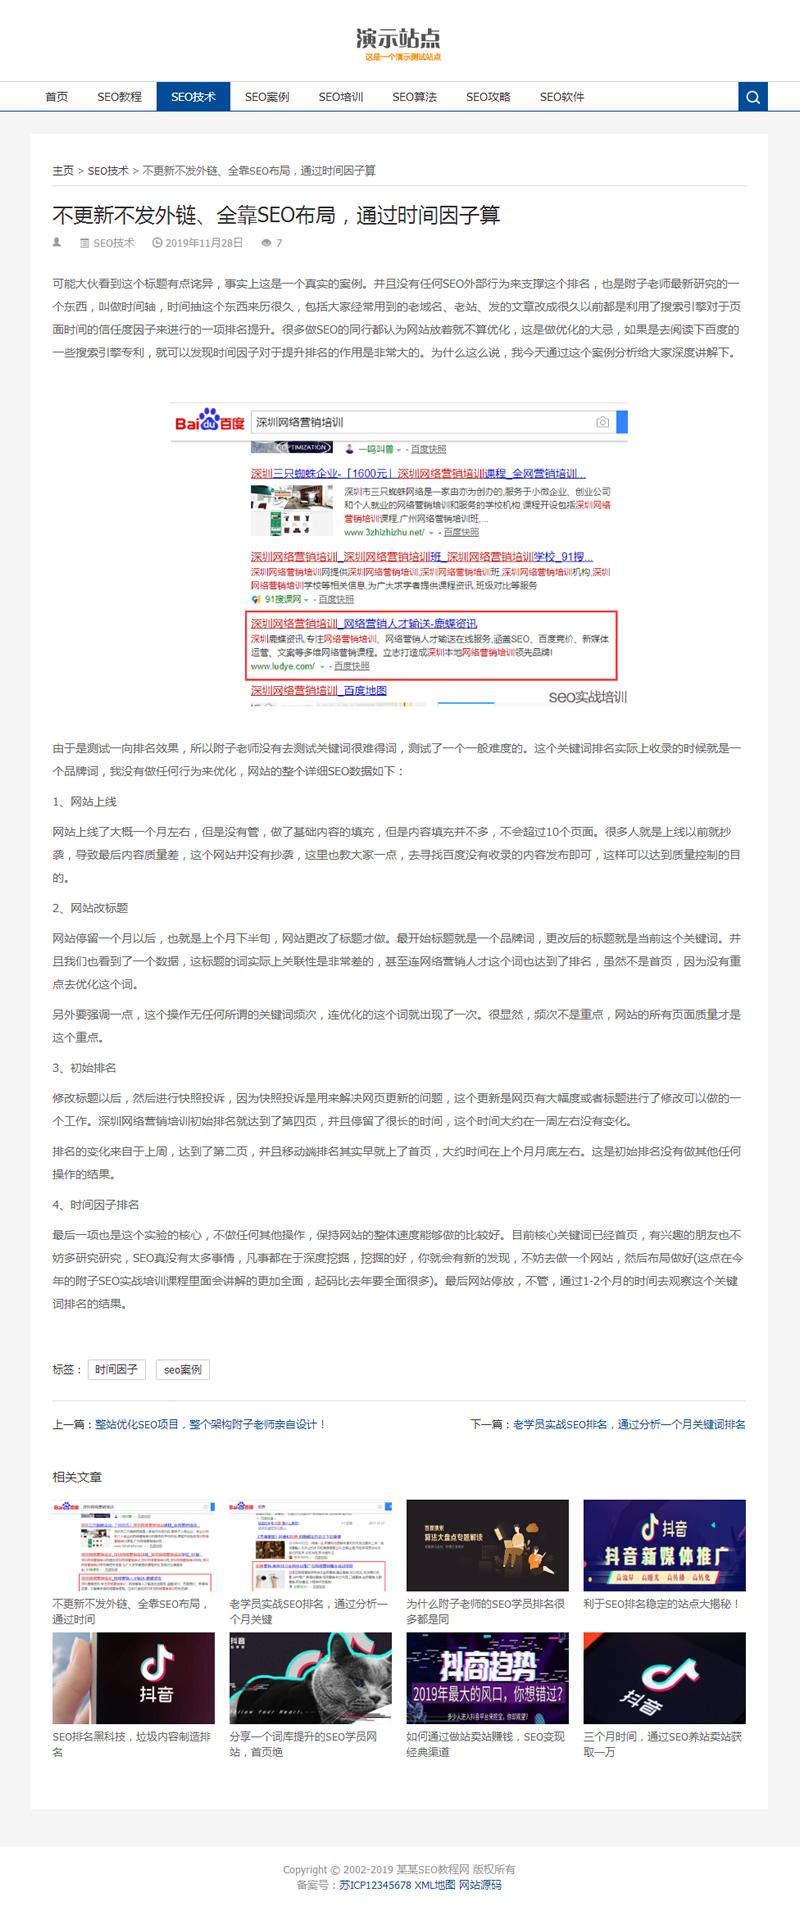 织梦SEO博客优化网站源码 响应式SEO教程资讯类网站模板 第2张